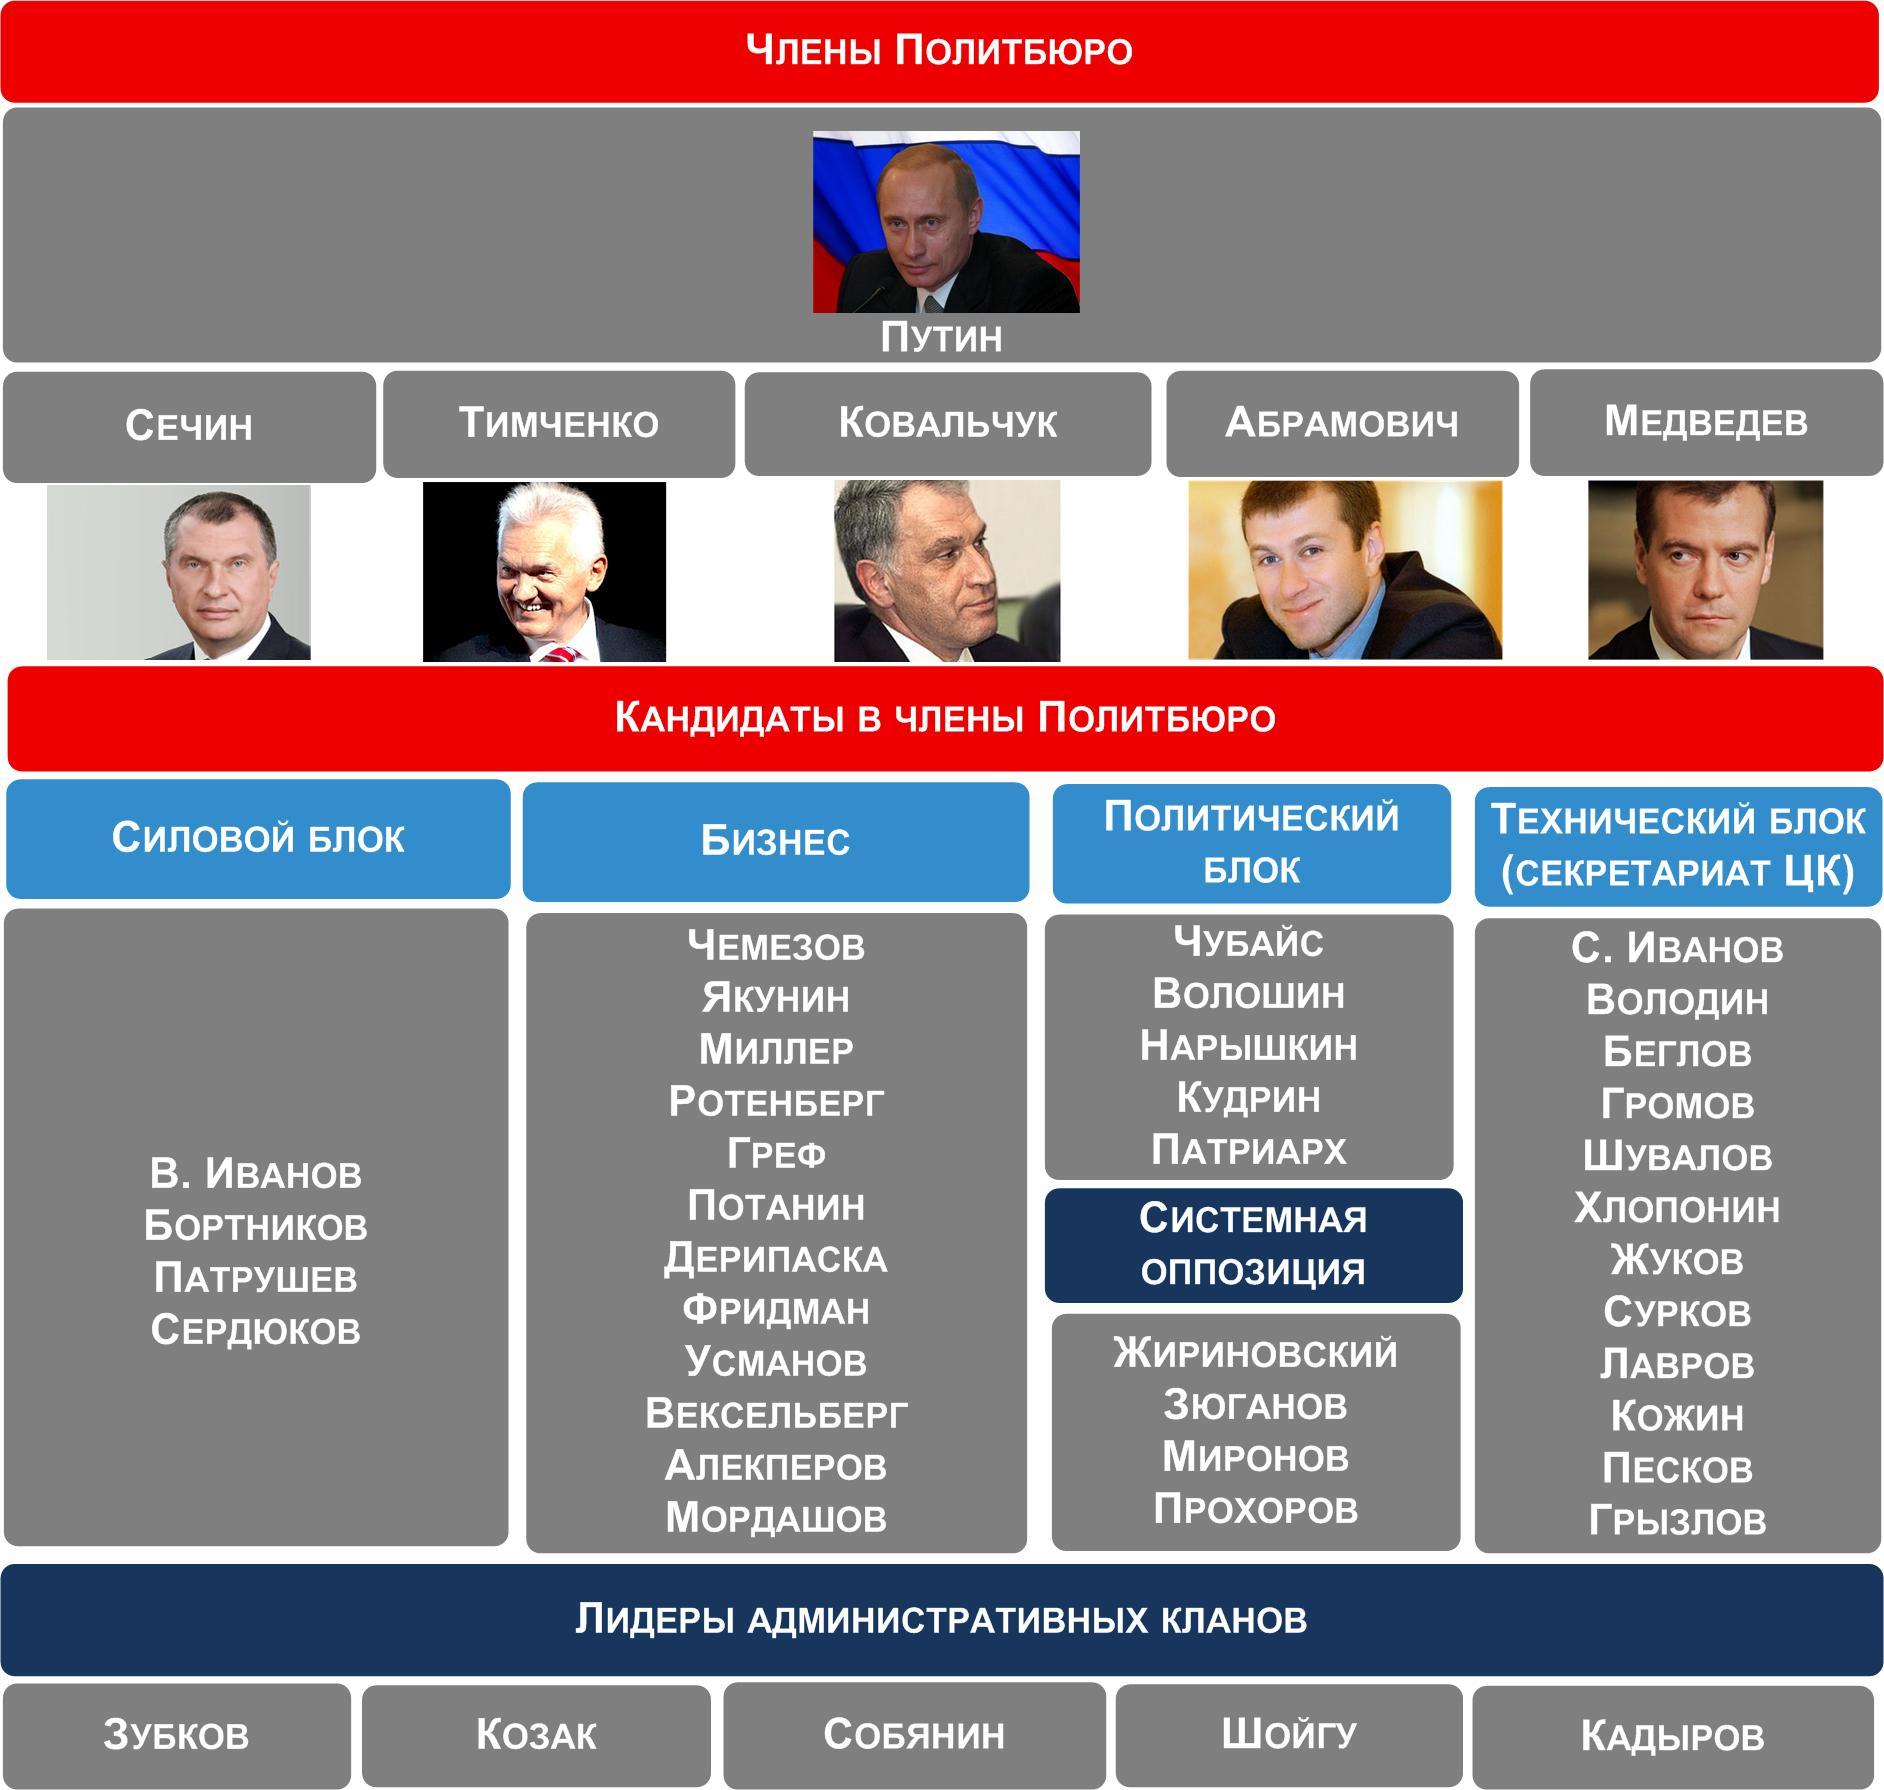 Перечень сановных лиц, помогающих российскому автократу Путину вести войну против собственного и соседних народов...